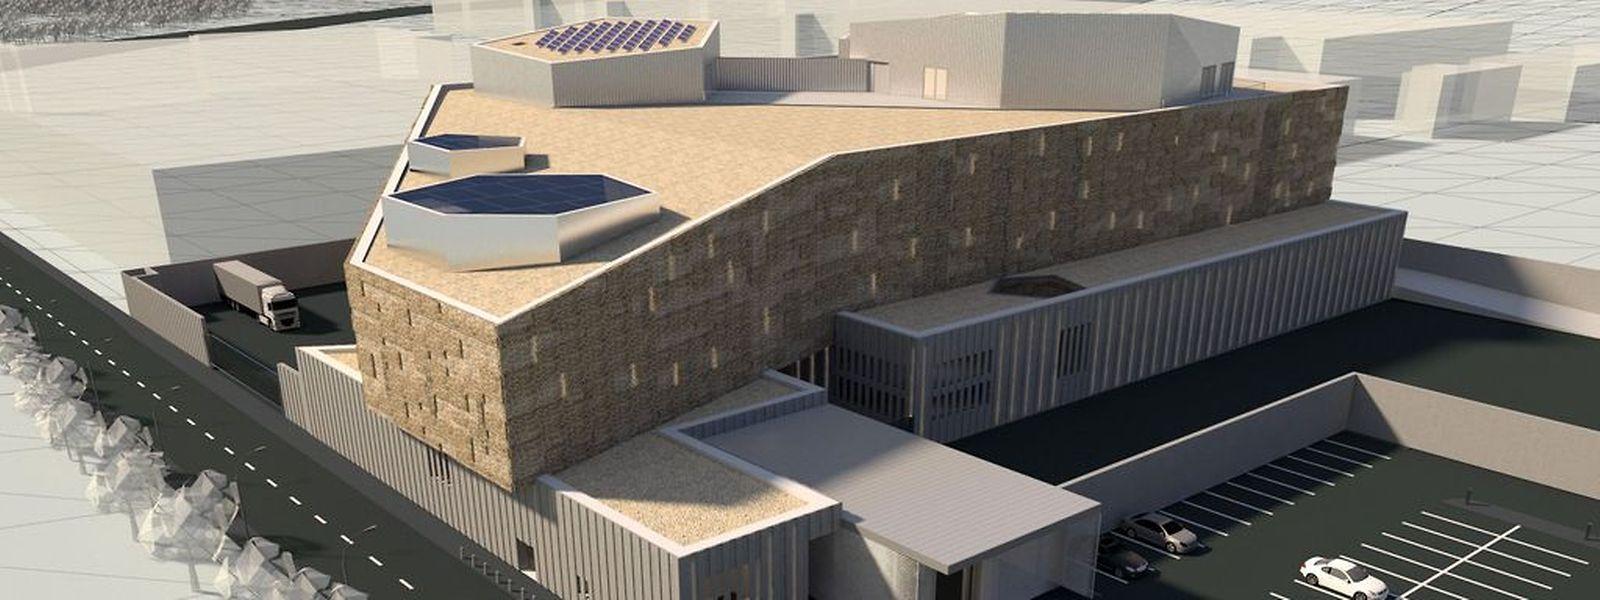 Das Freeport-Gebäude wird am Mittwoch offiziell in Betrieb genommen.